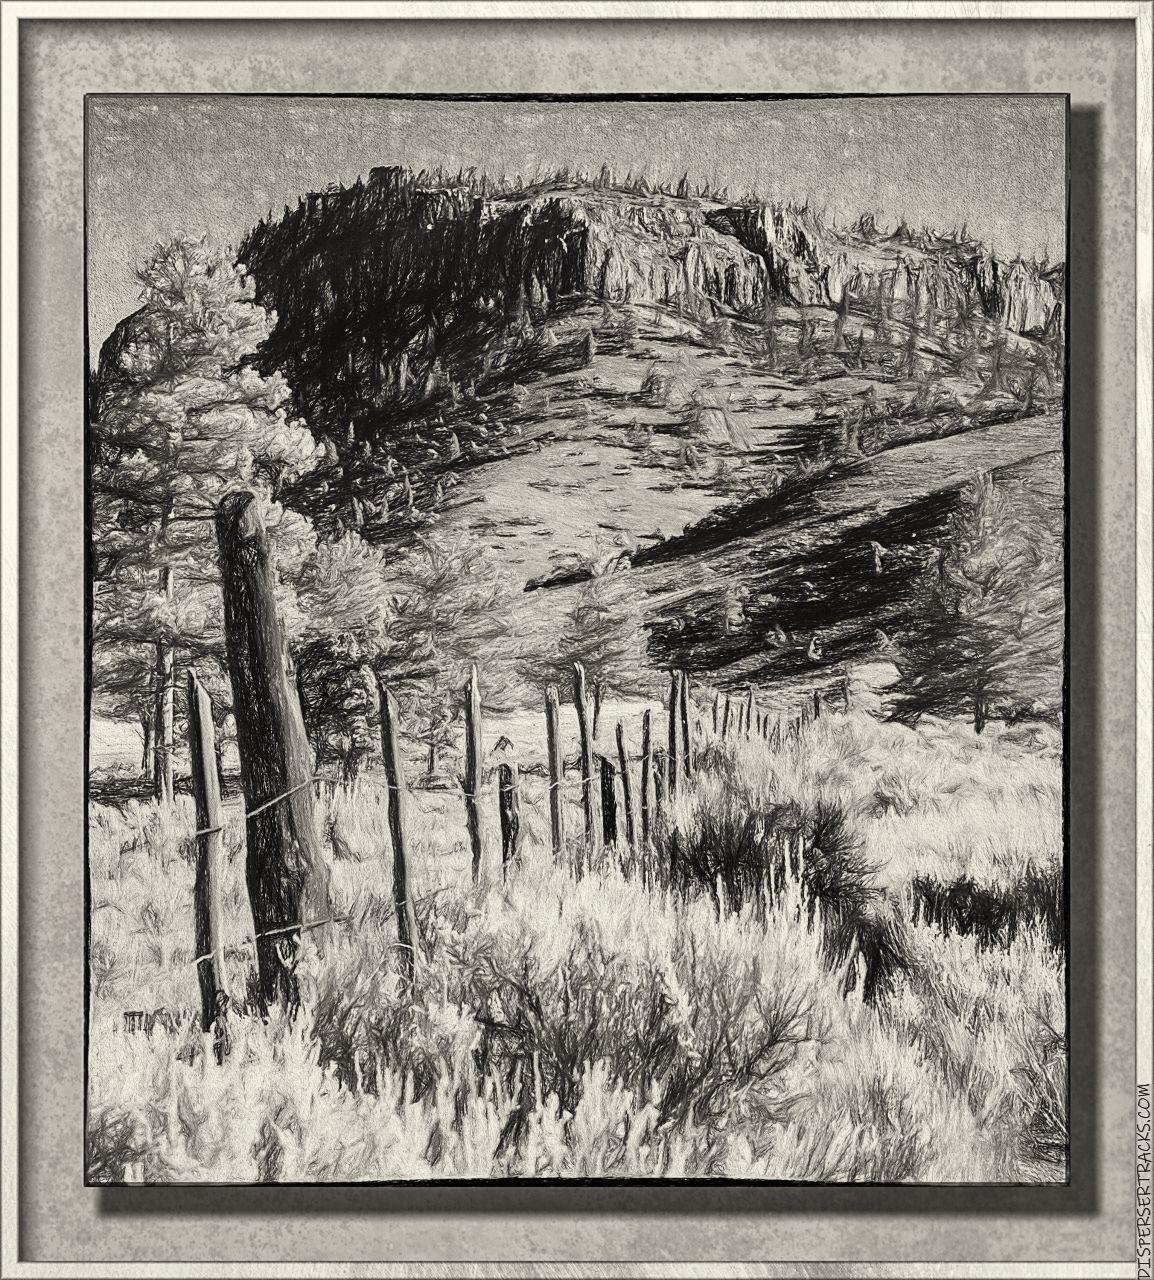 Western scenery in monochrome